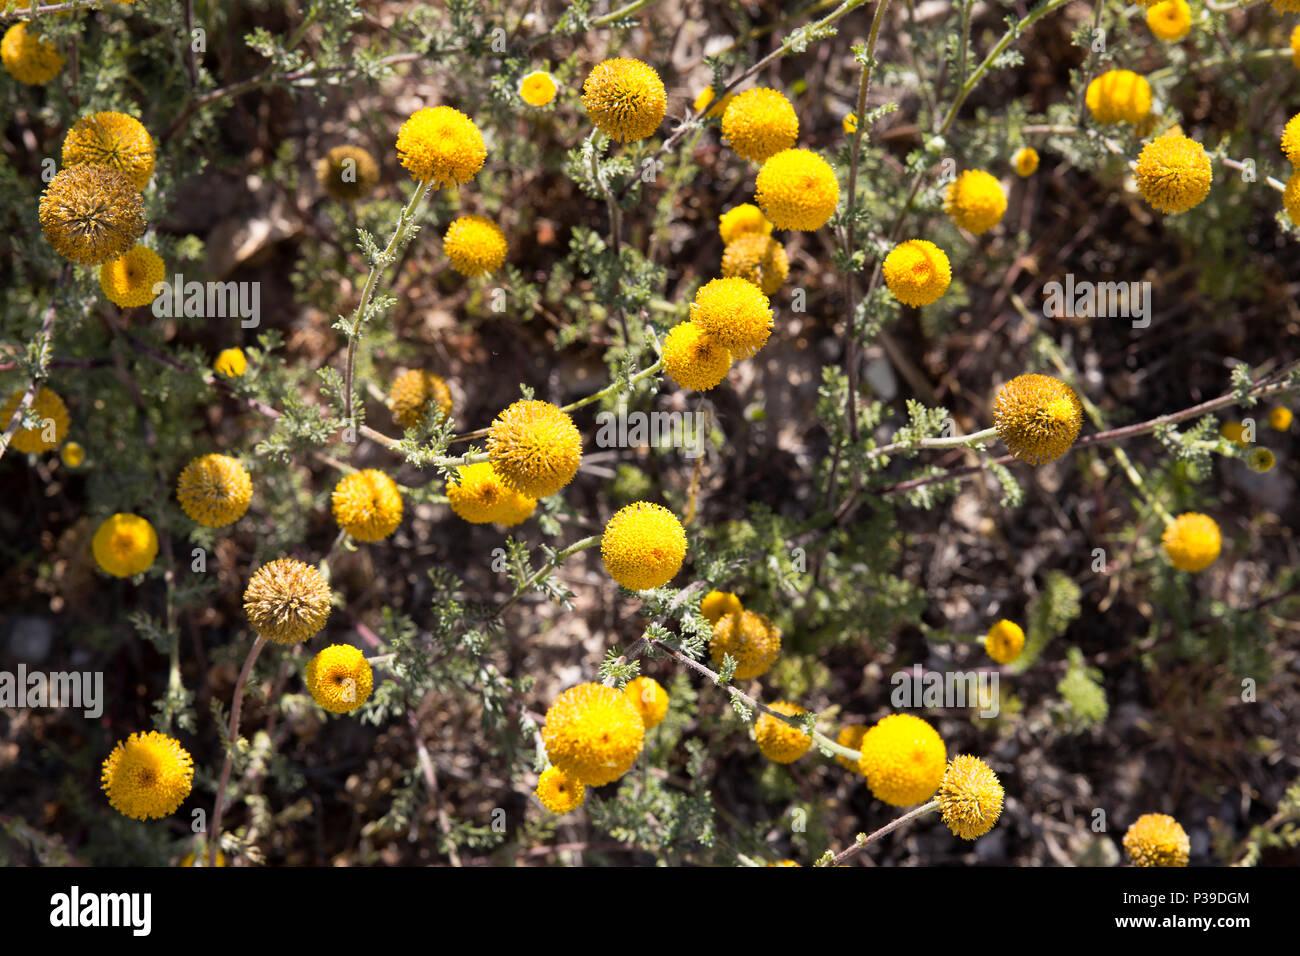 Fondo Amarillo De Hierbas Medicinales Flores Amarillas Santolina